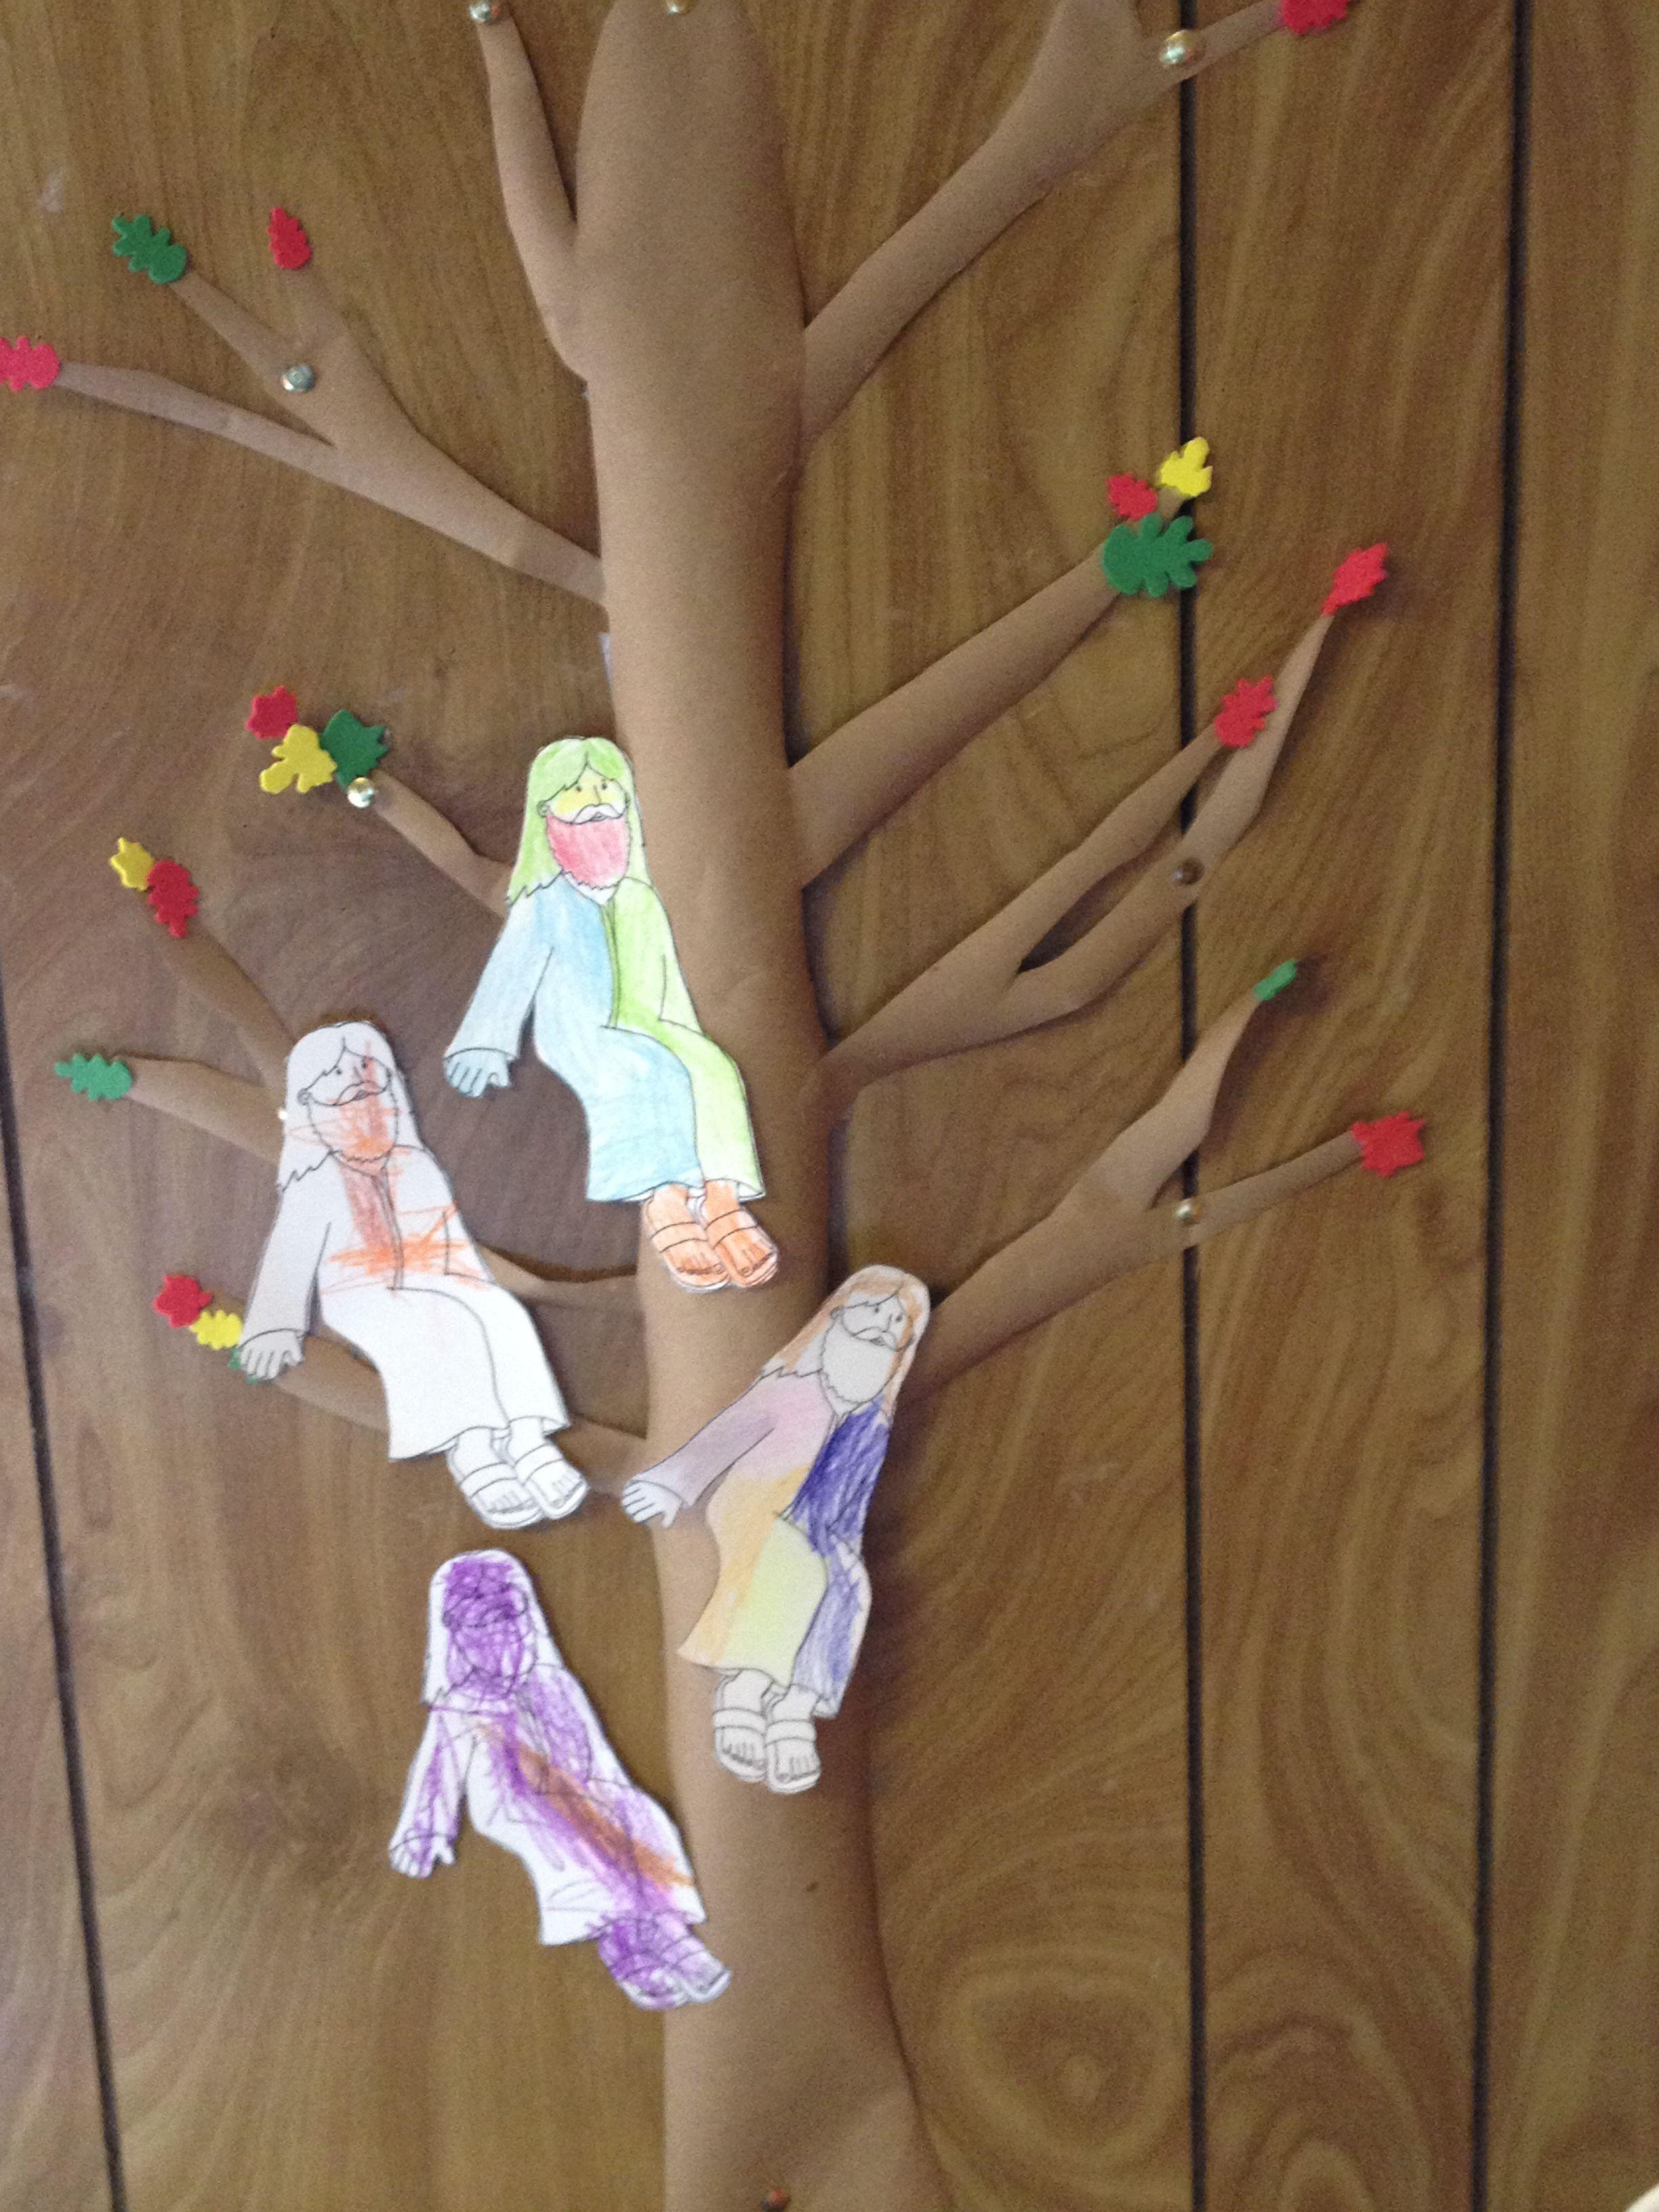 Pin Zacchaeus In The Tree